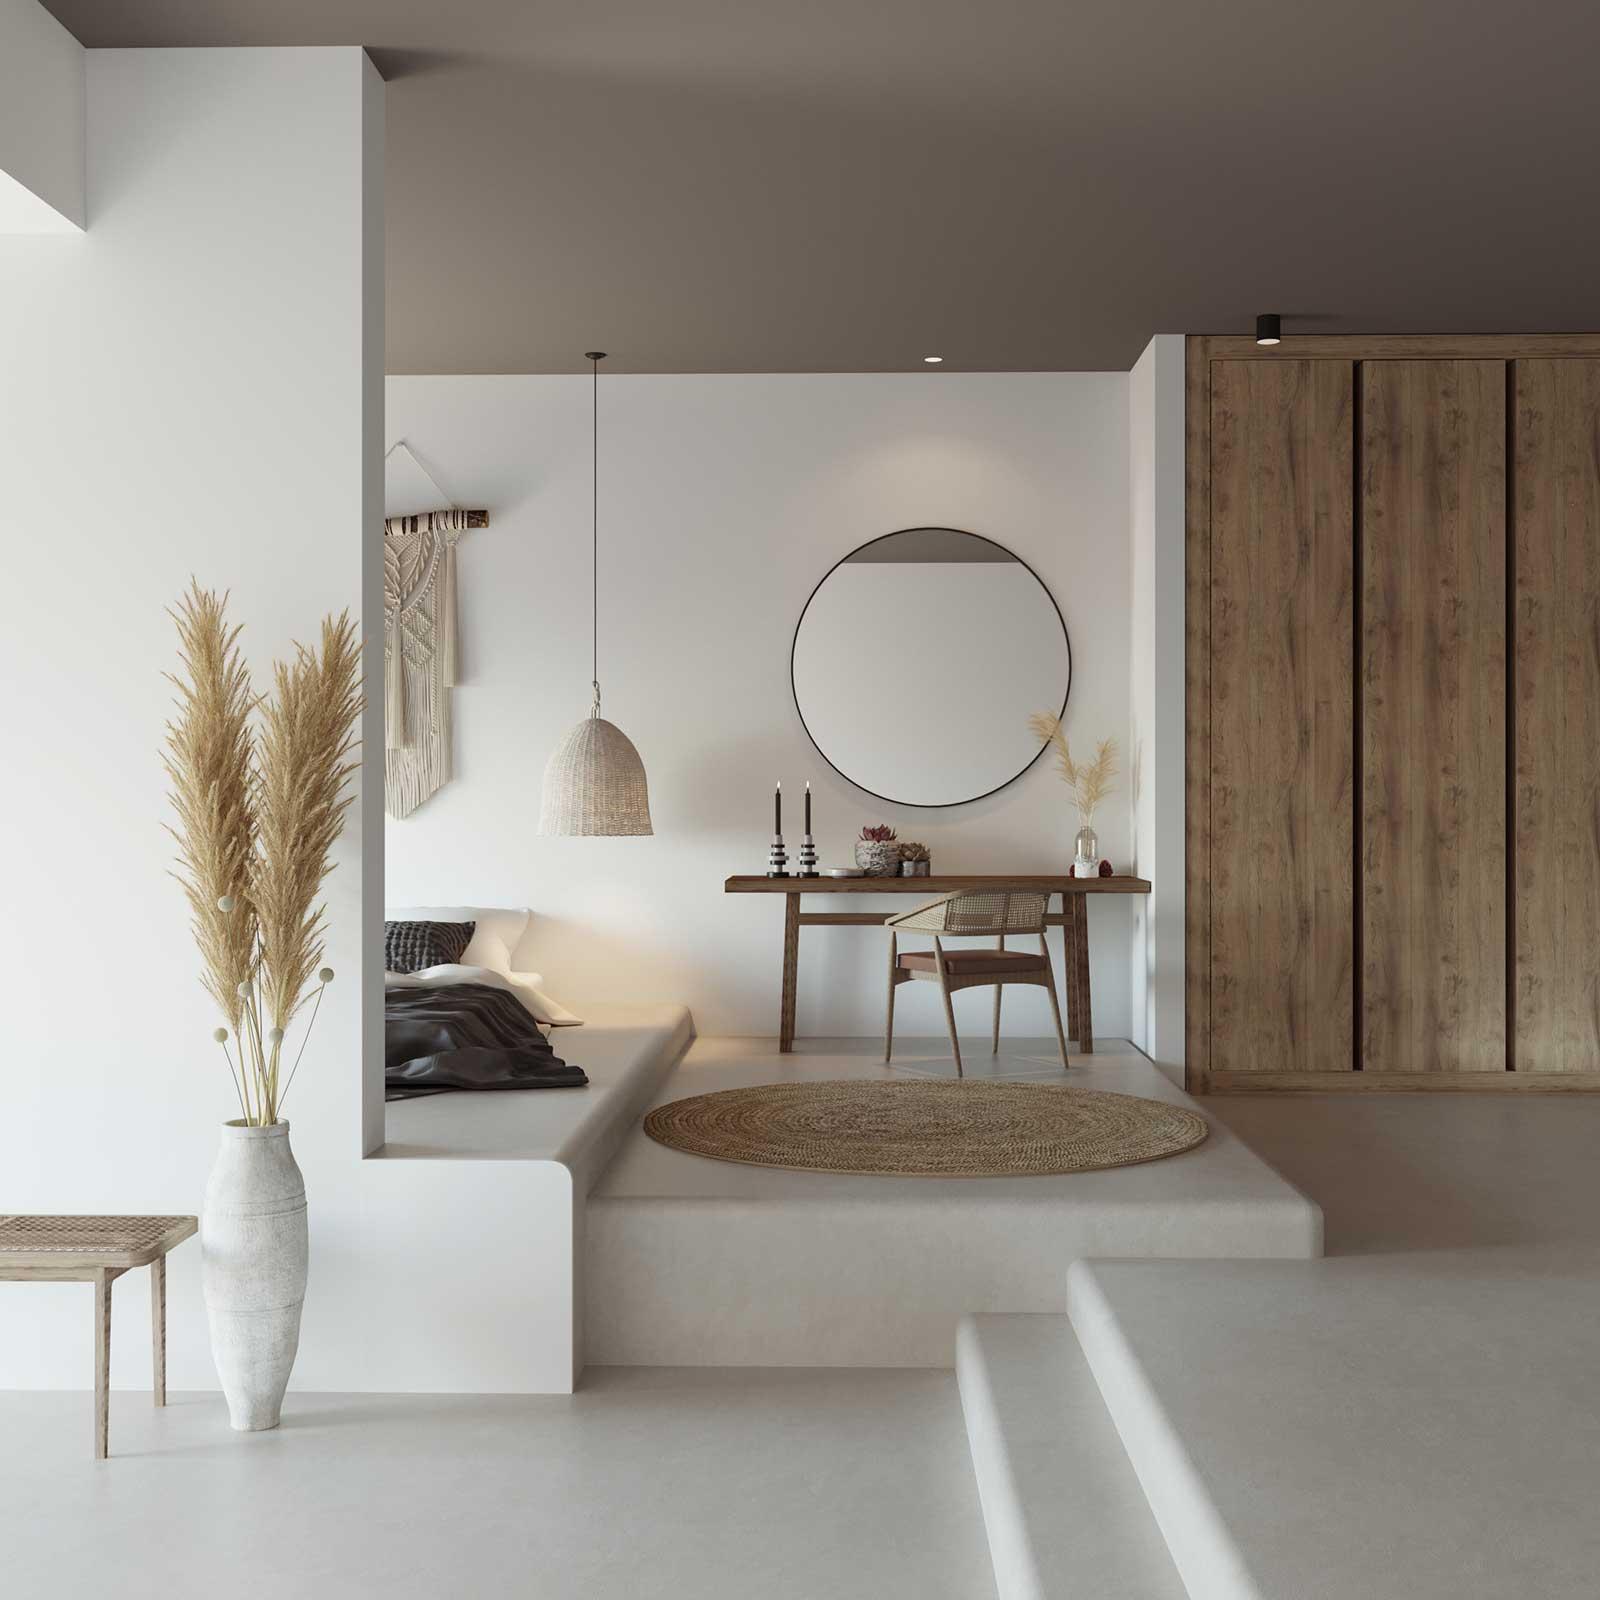 Un intérieur blanc et bois avec de l'enduit en tadelakt pour apporter de la chaleur et de la luminosité